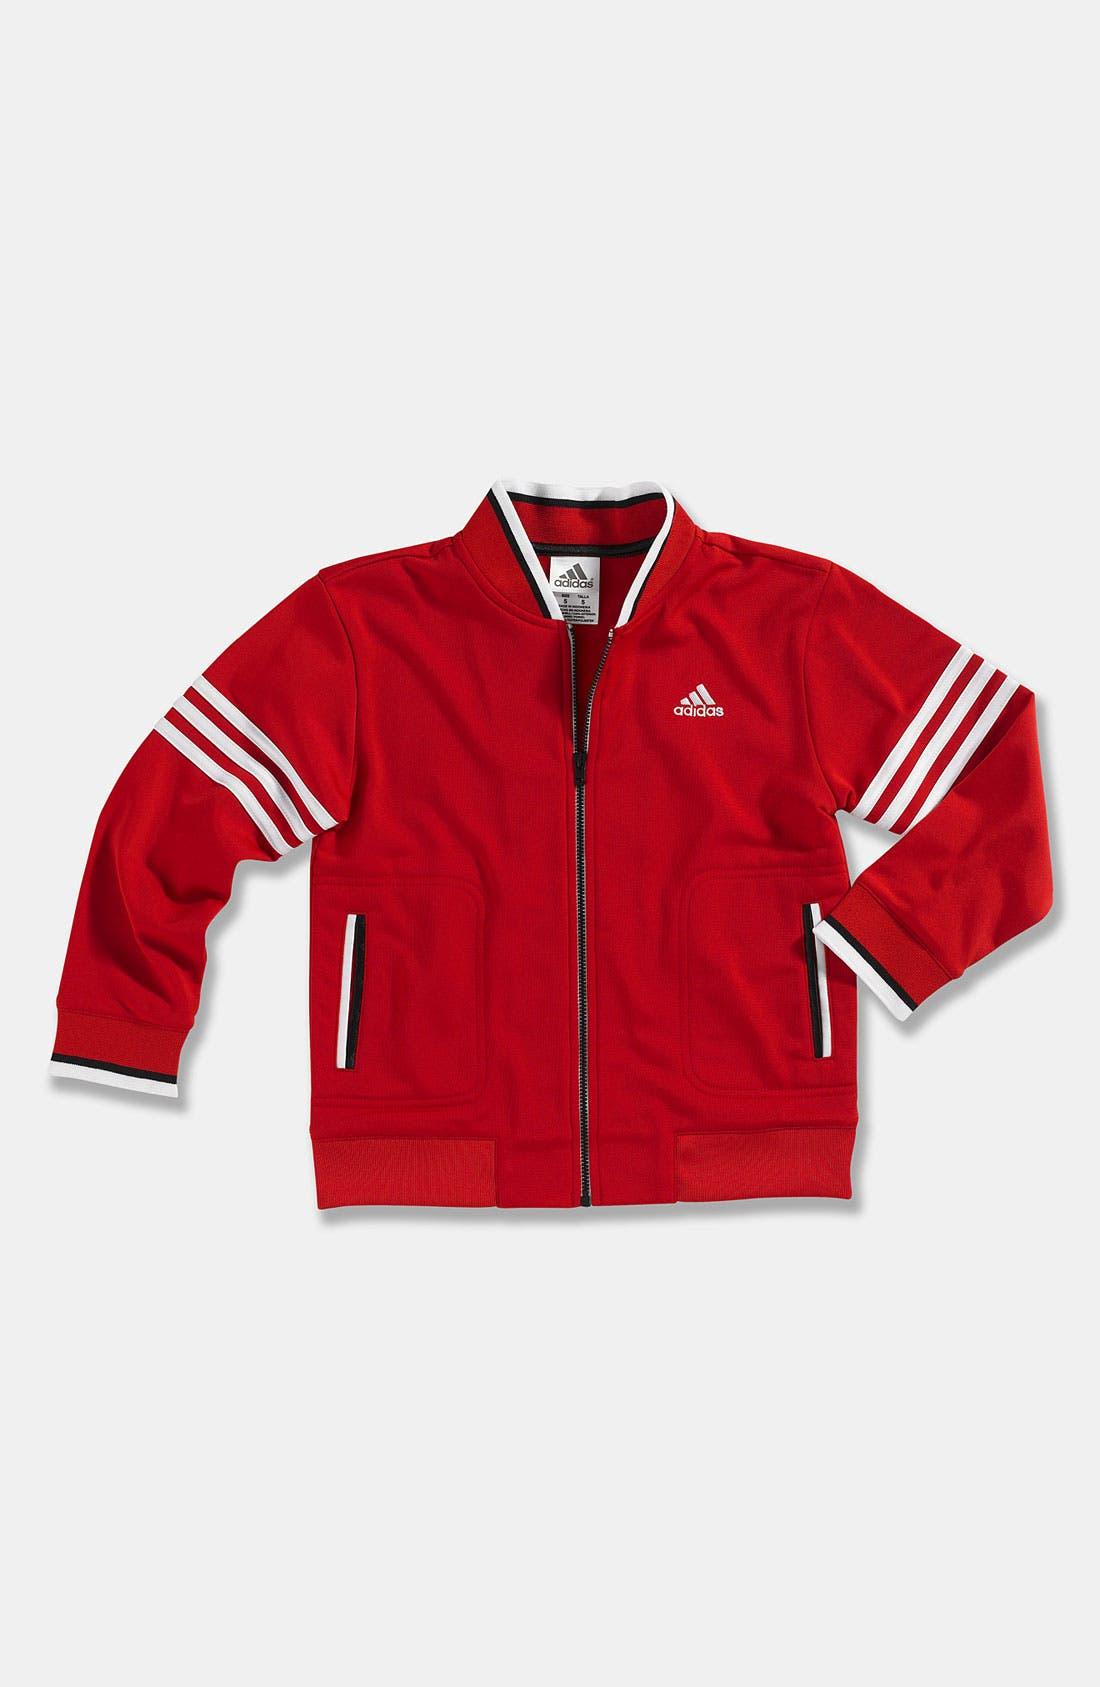 Main Image - adidas 'Team' Jacket (Little Boys)